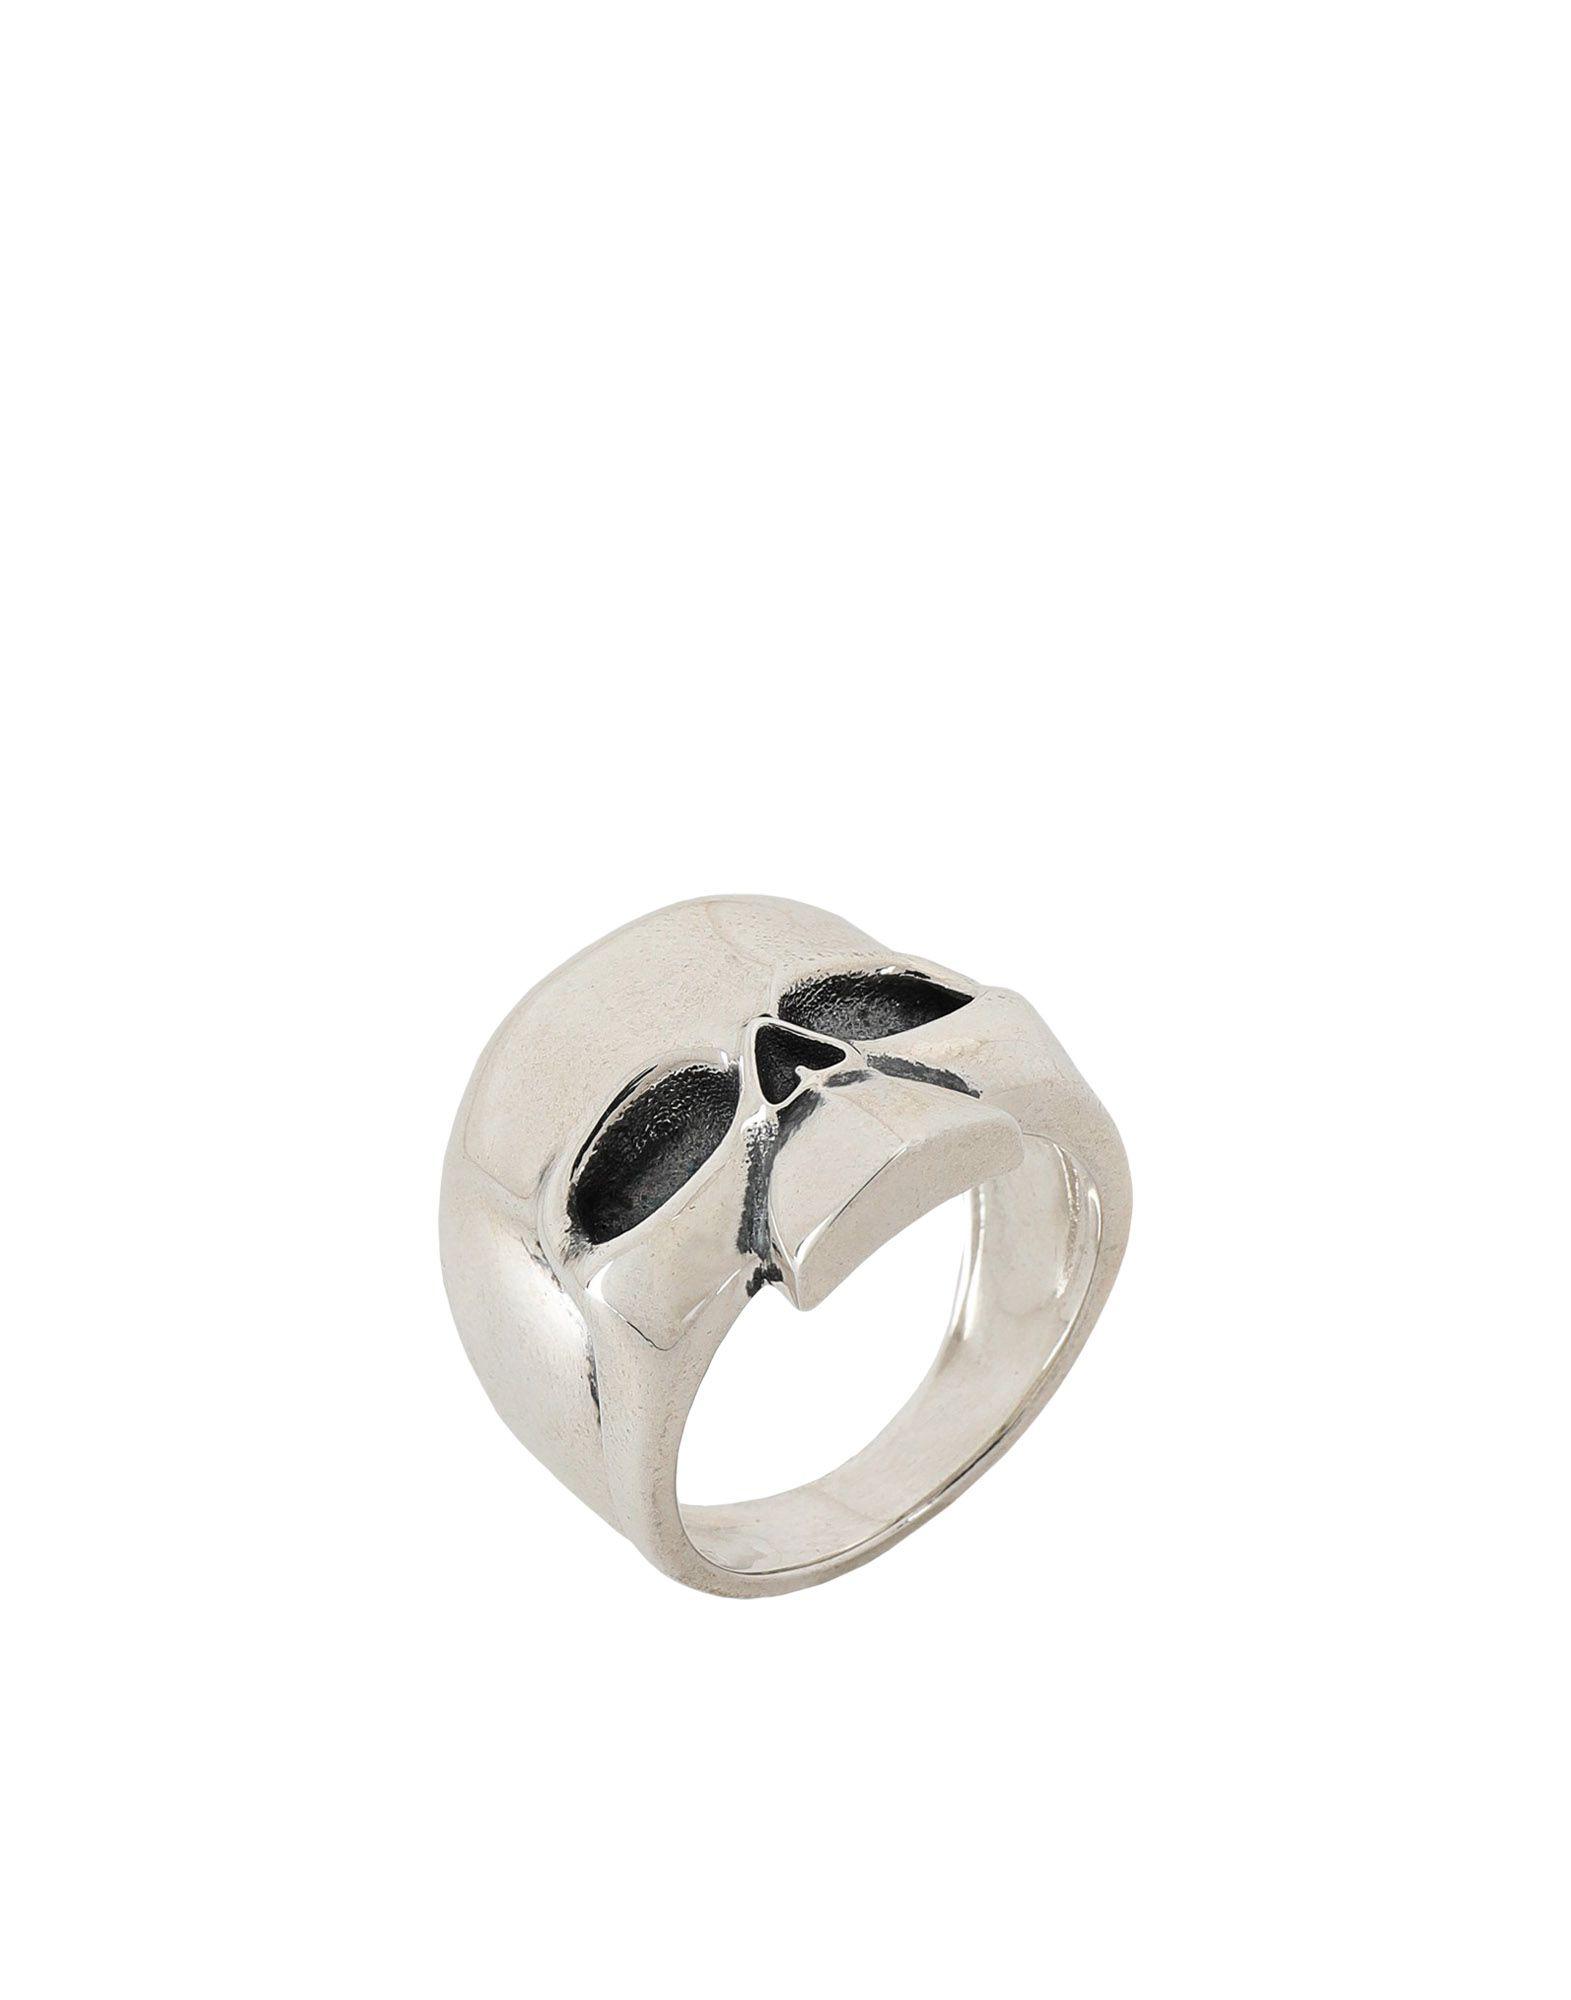 《期間限定 セール開催中》NOVE25 メンズ 指輪 シルバー 19 シルバー925/1000 BASIC SKULL RING